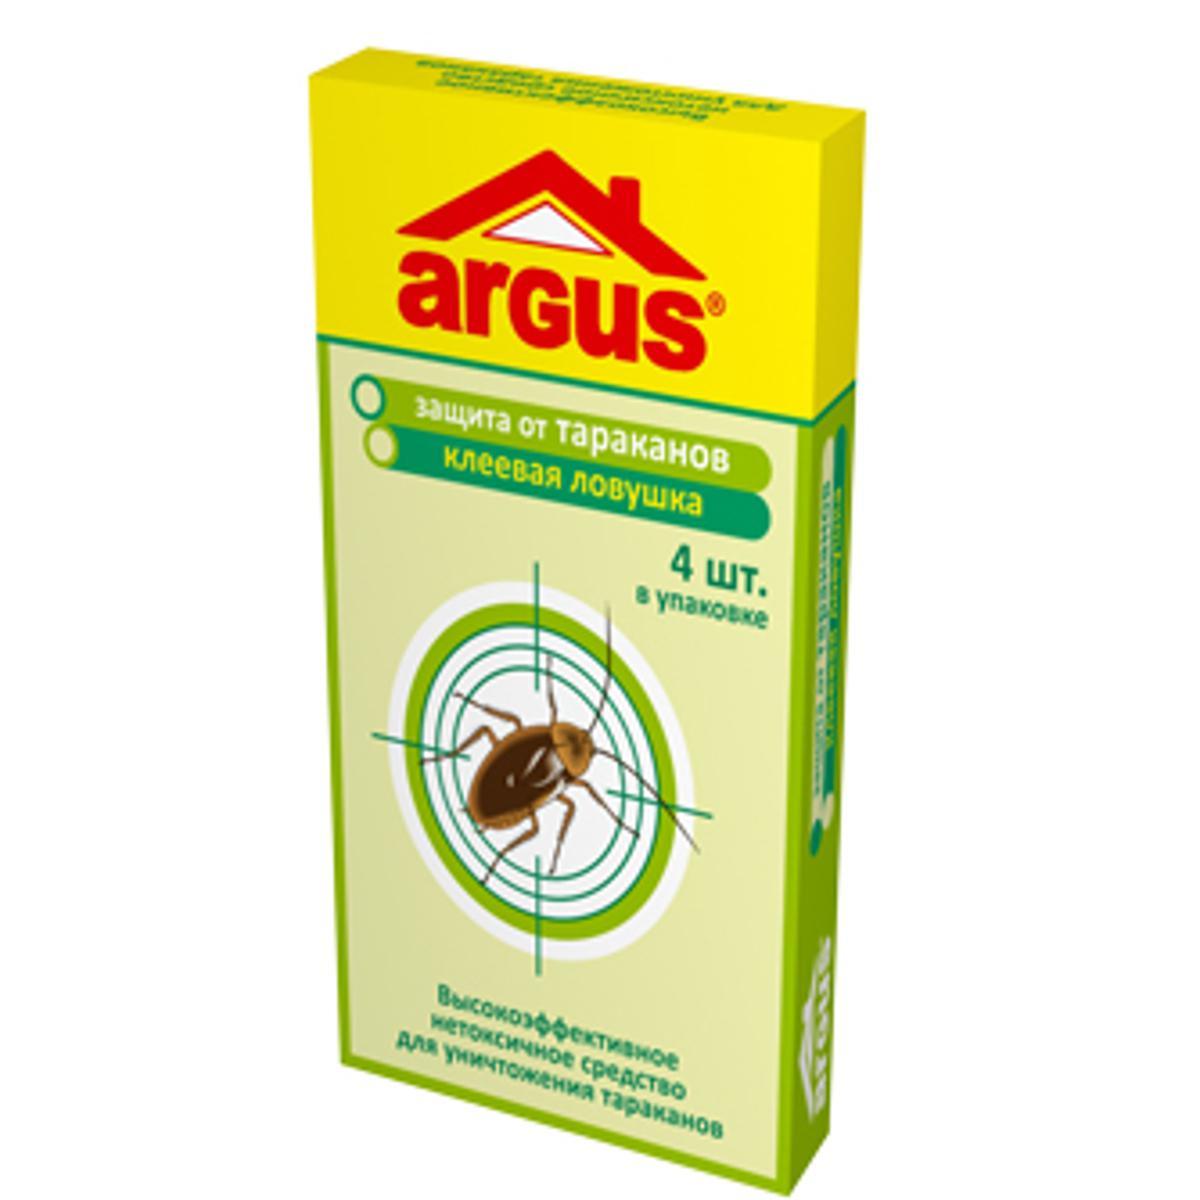 Ловушка для насекомых Argus СЗ.020017